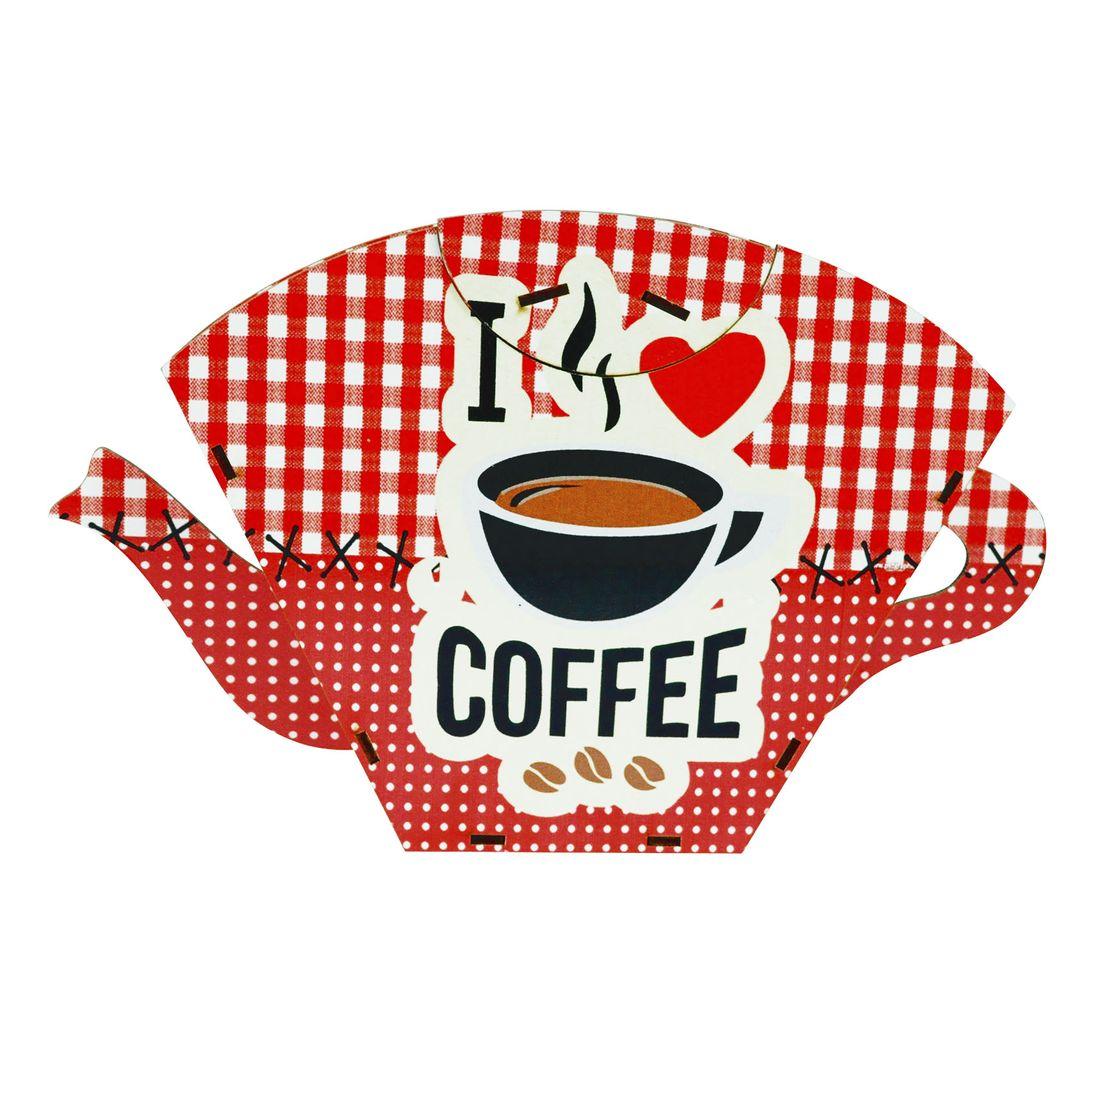 PORTA_FILTRO_I_LOVE_COFFEE_31X19X37_FRENTE